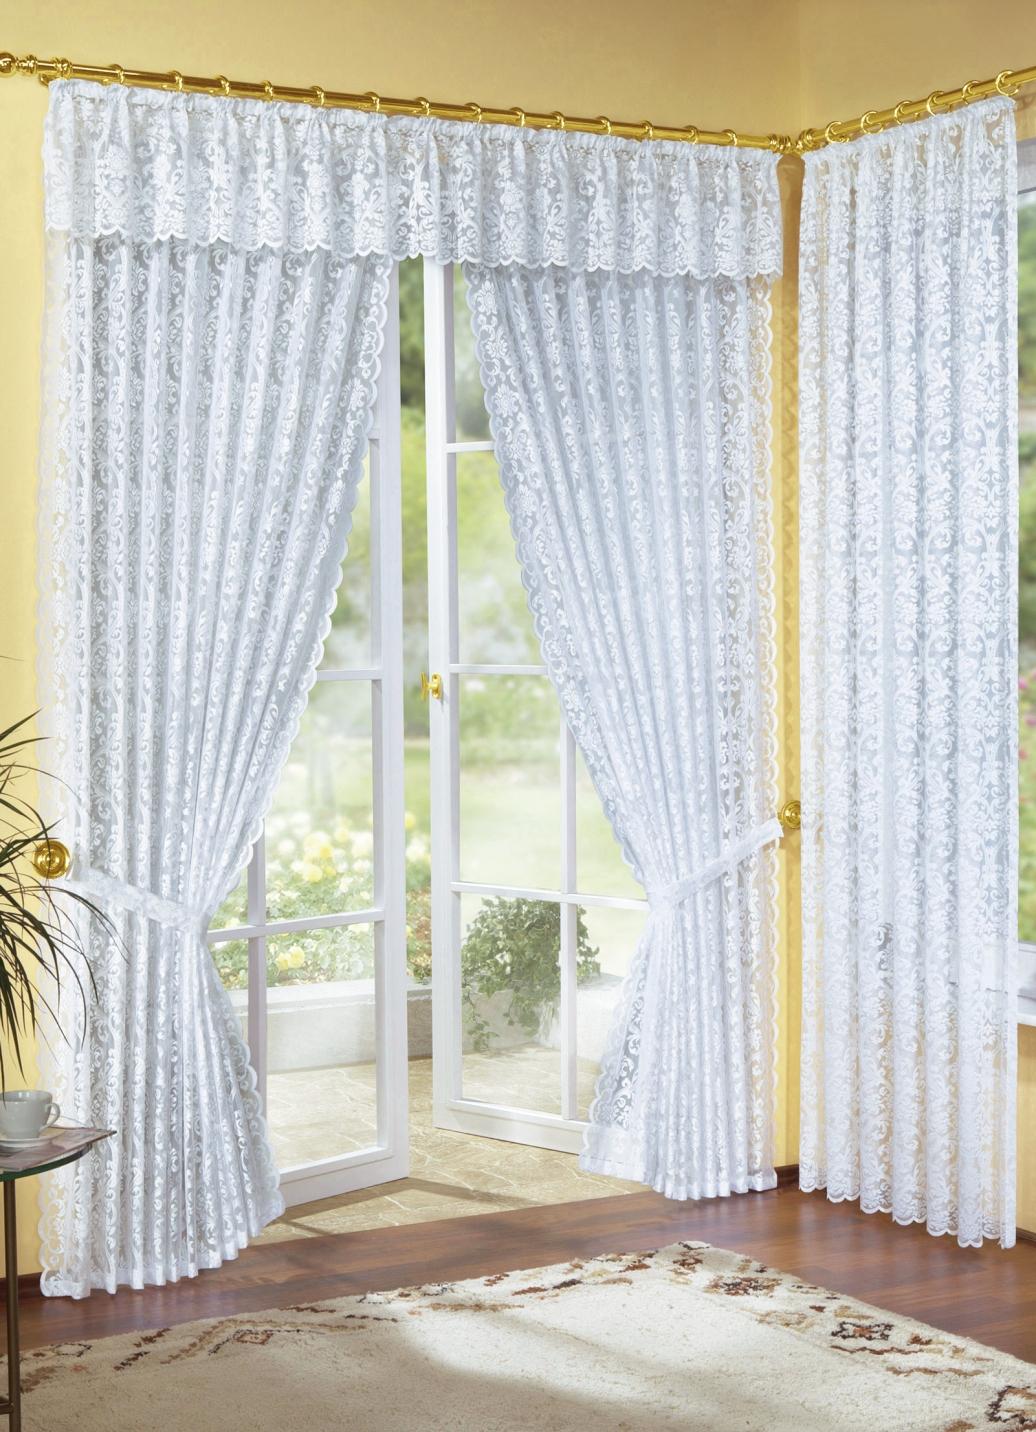 Fensterdekoration Gardinen : Fensterdekoration  Gardinen  BADER